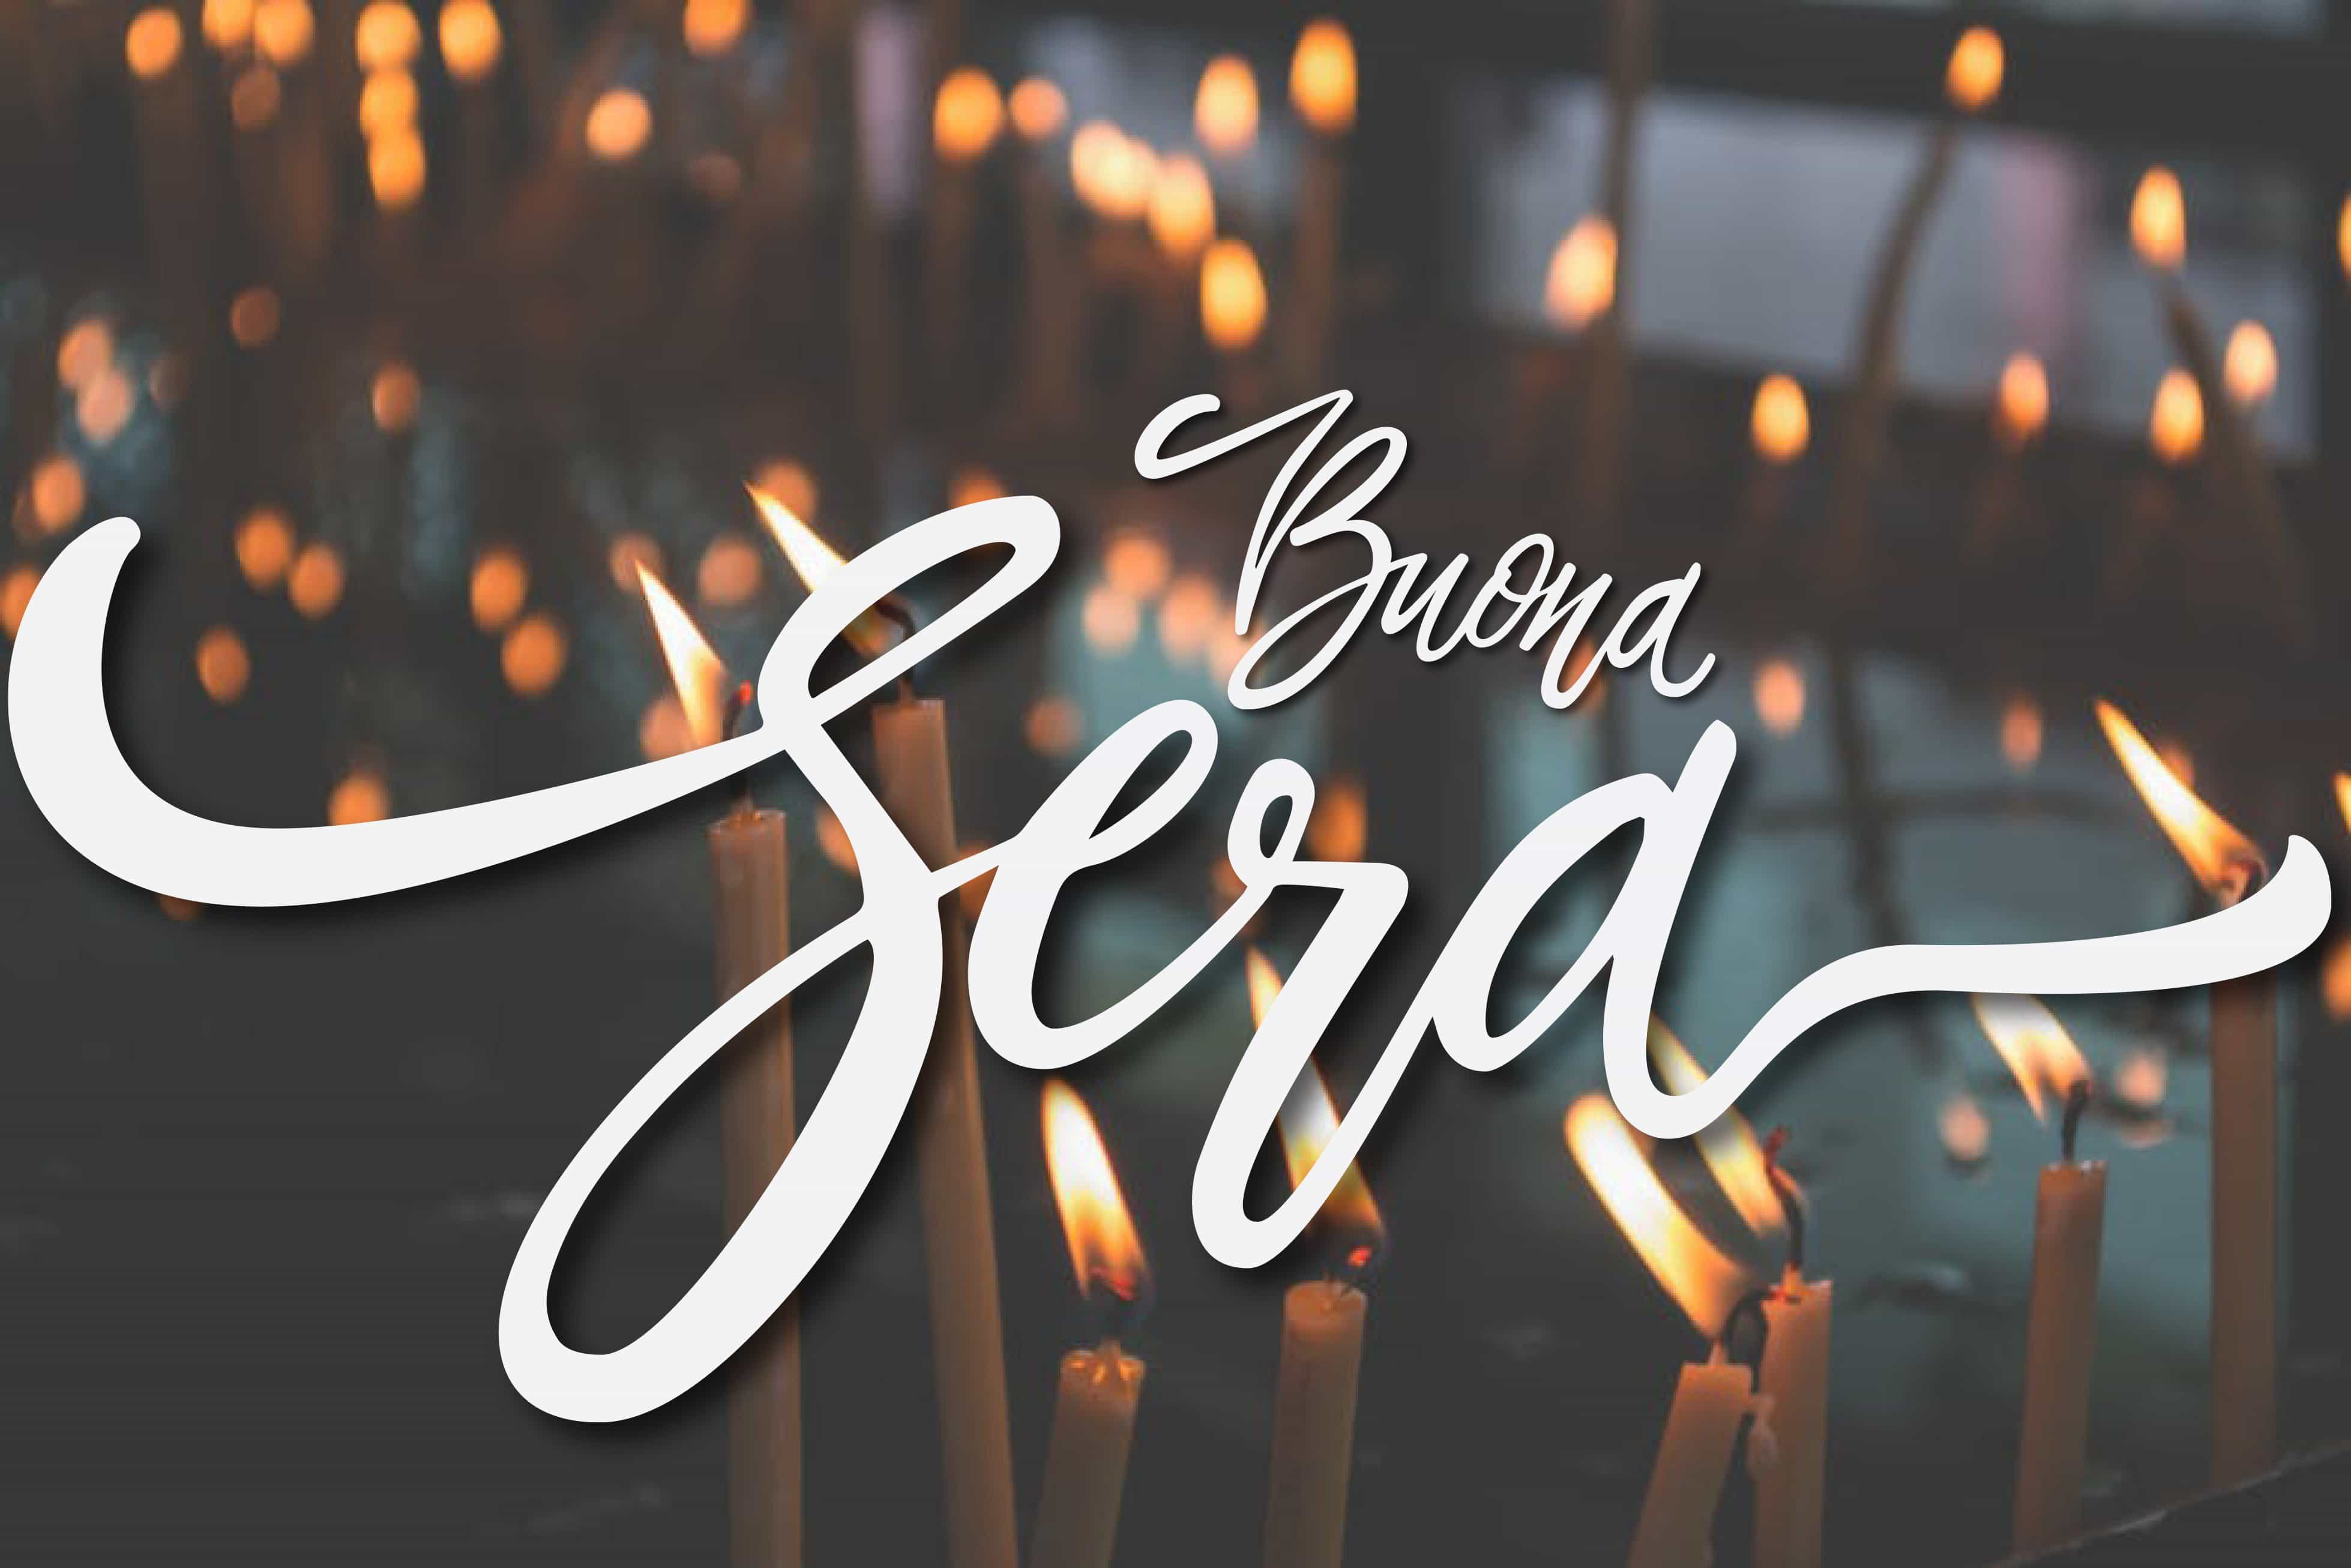 Buona sera foto religiose da condividere gratis